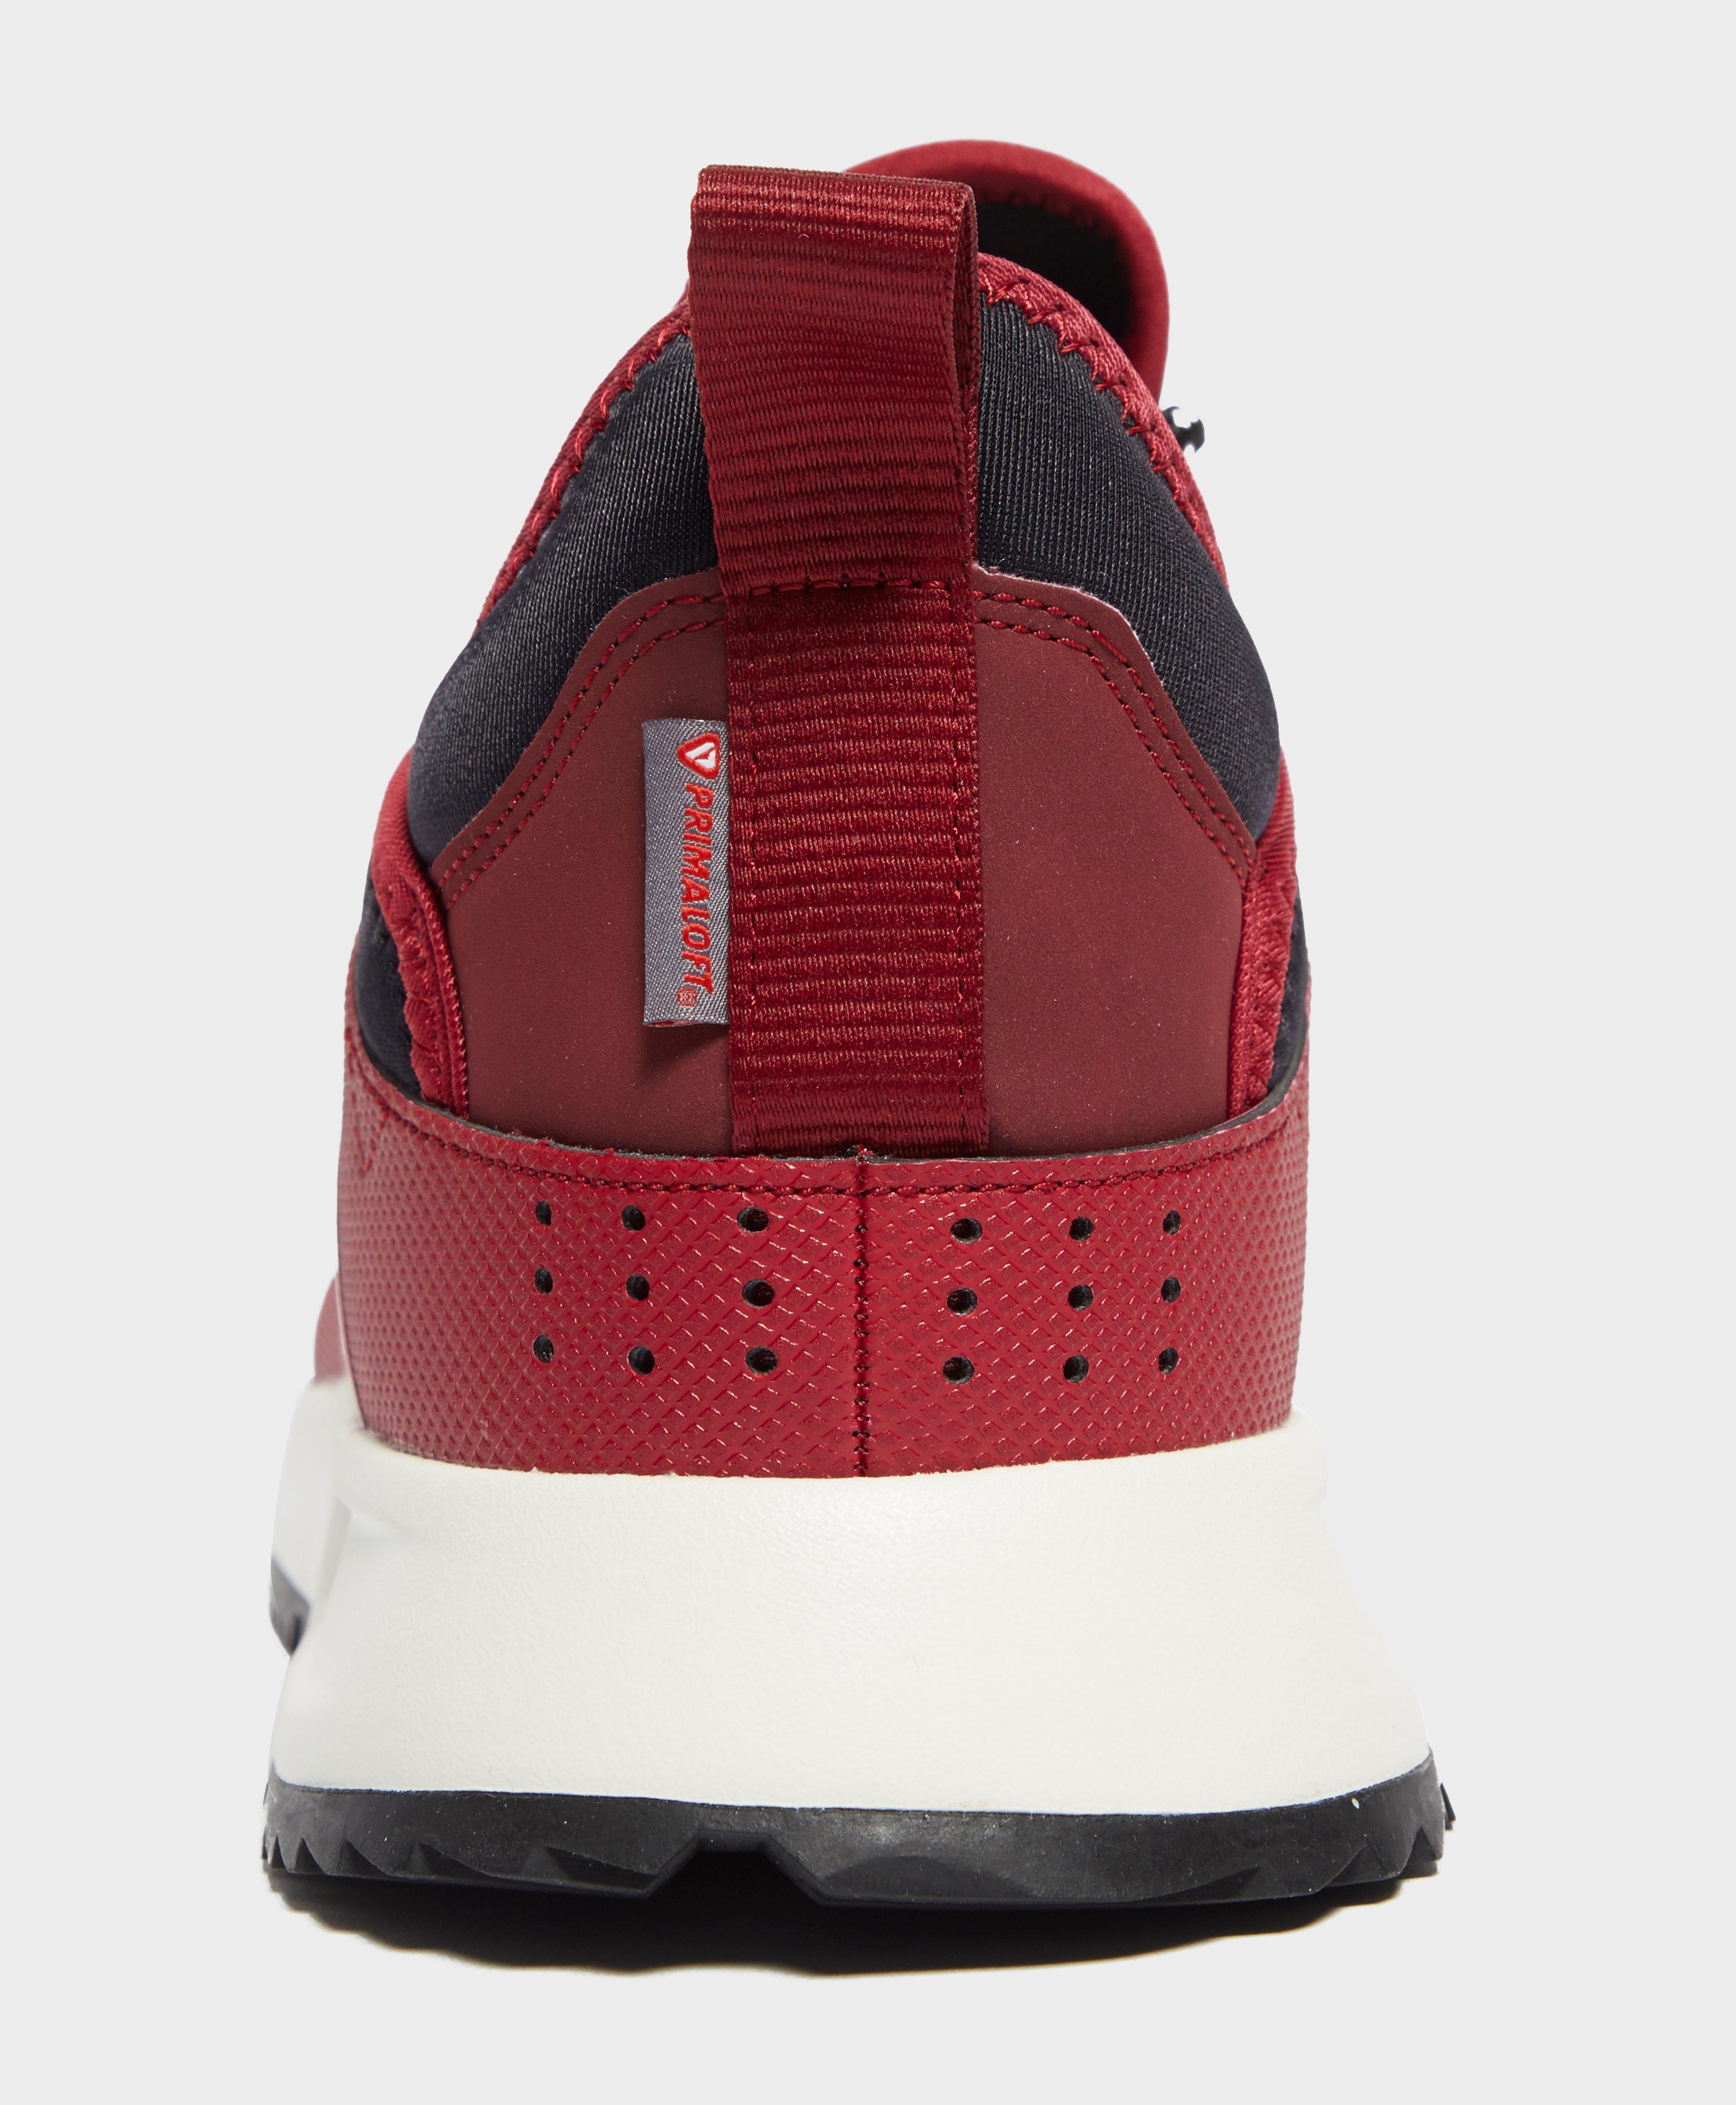 lyst adidas originali xplr sneakerboot in rosso per gli uomini.